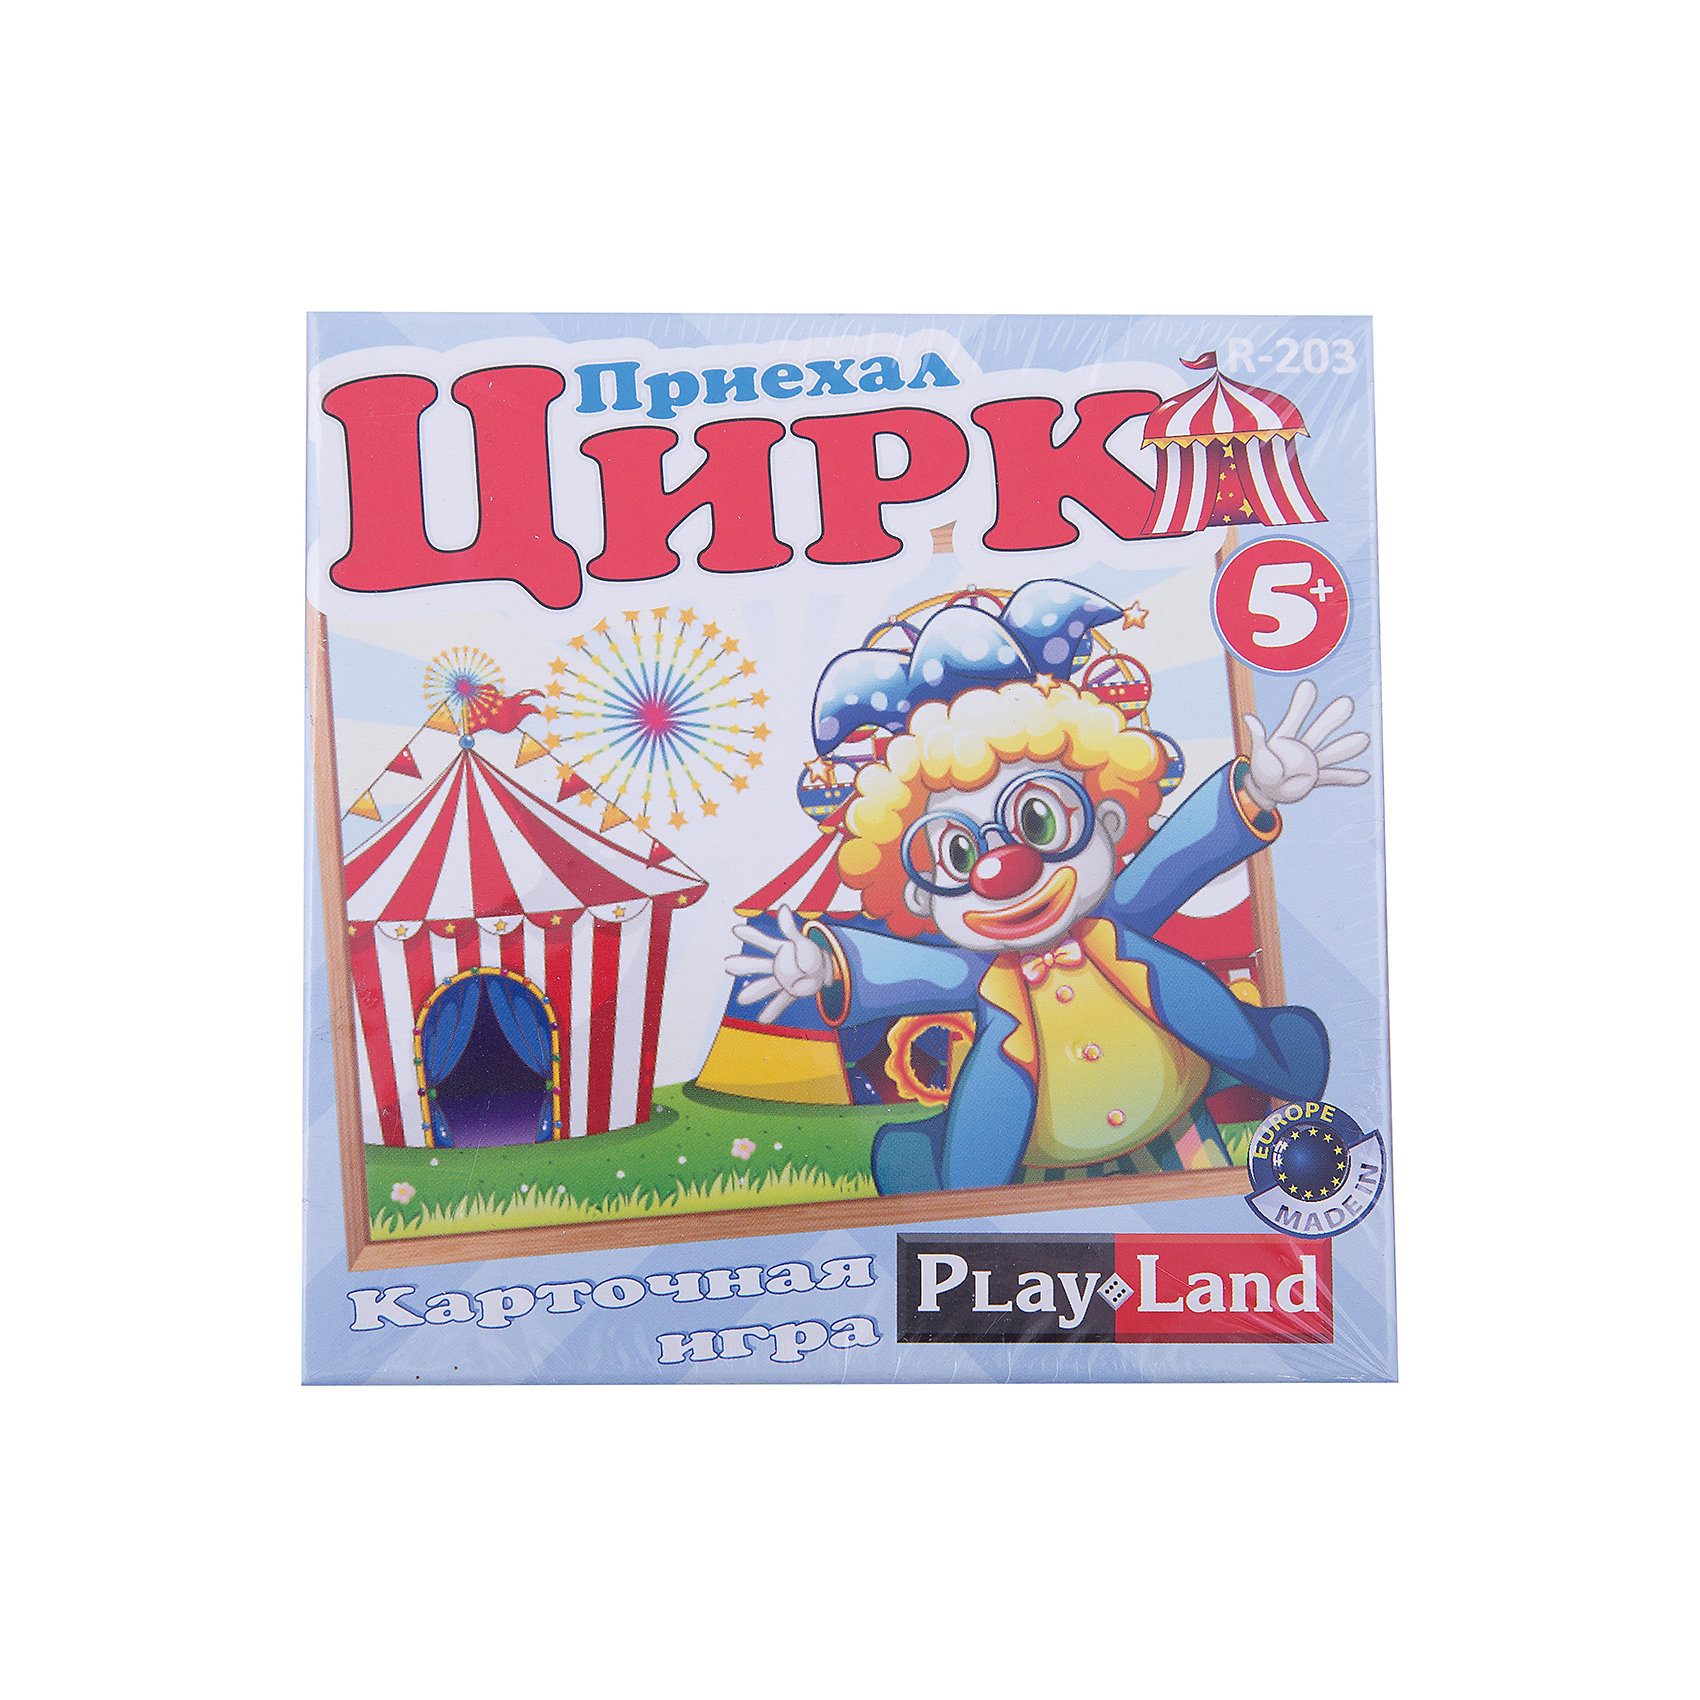 Настольная игра Цирк приехал, Play LandНастольные игры для всей семьи<br>Характеристики товара:<br><br>• в комплекте:: 56 карт;<br>• количество игроков: 2-4;<br>• время игры: 30 минут;<br>• материал: картон;<br>• возраст: от 5 лет;<br>• размер упаковки: 12х4,5х12,2 см;<br>• вес: 158 грамм;<br>• страна бренда: Болгария.<br><br>«Цирк приехал» - развлекательная детская игра, в которой ребенку потребуется внимательность. Колода состоит из 56 карт с изображением цирковых артистов. Карты разделены по цветам.<br><br>Цель игры - набрать наибольшее количество очков. Перед началом игры каждый участник выбирает для себя один из цветов. Затем игроки по очереди достают карты из колоды, лежащей рубашкой вверх. Если выпала карта нужного цвета - игрок выкладывает ее перед собой. Если цвет, выбранный игроком не совпадает с цветом карты - карта помещается в низ колоды. По истечении тридцати минут игра останавливается и участники пересчитывают полученные очки. За каждого артиста своего цвета очки умножаются на 2. Количество артистов не может быть больше пяти.<br><br>Настольную игру Цирк приехал, Play Land (Плей Лэнд) можно купить в нашем интернет-магазине.<br><br>Ширина мм: 122<br>Глубина мм: 45<br>Высота мм: 120<br>Вес г: 158<br>Возраст от месяцев: 60<br>Возраст до месяцев: 168<br>Пол: Унисекс<br>Возраст: Детский<br>SKU: 6893361